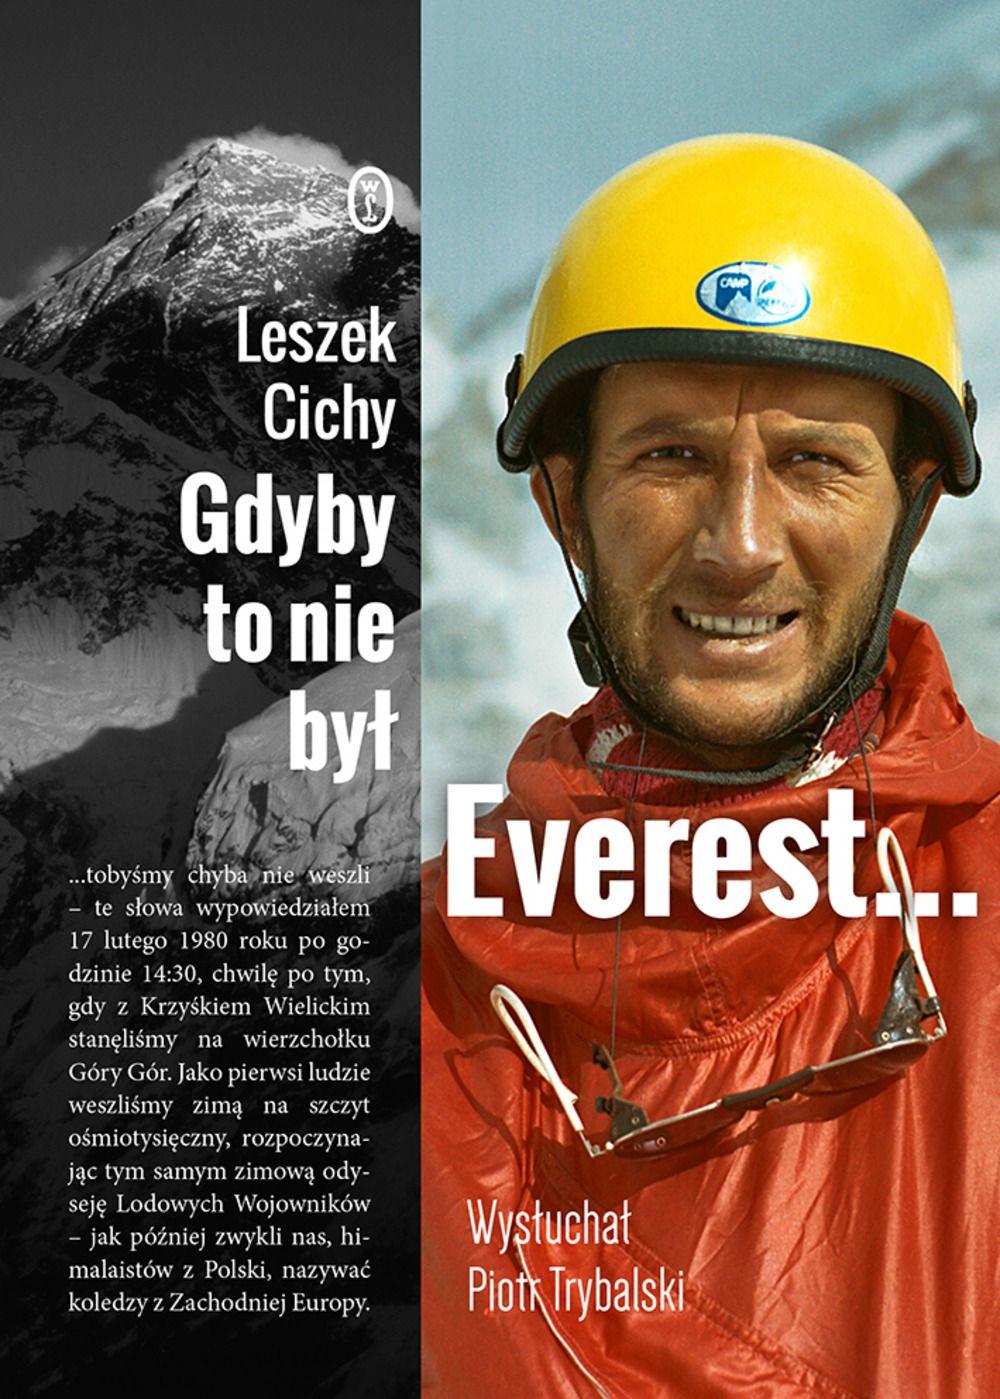 Gdyby to nie był Everest...